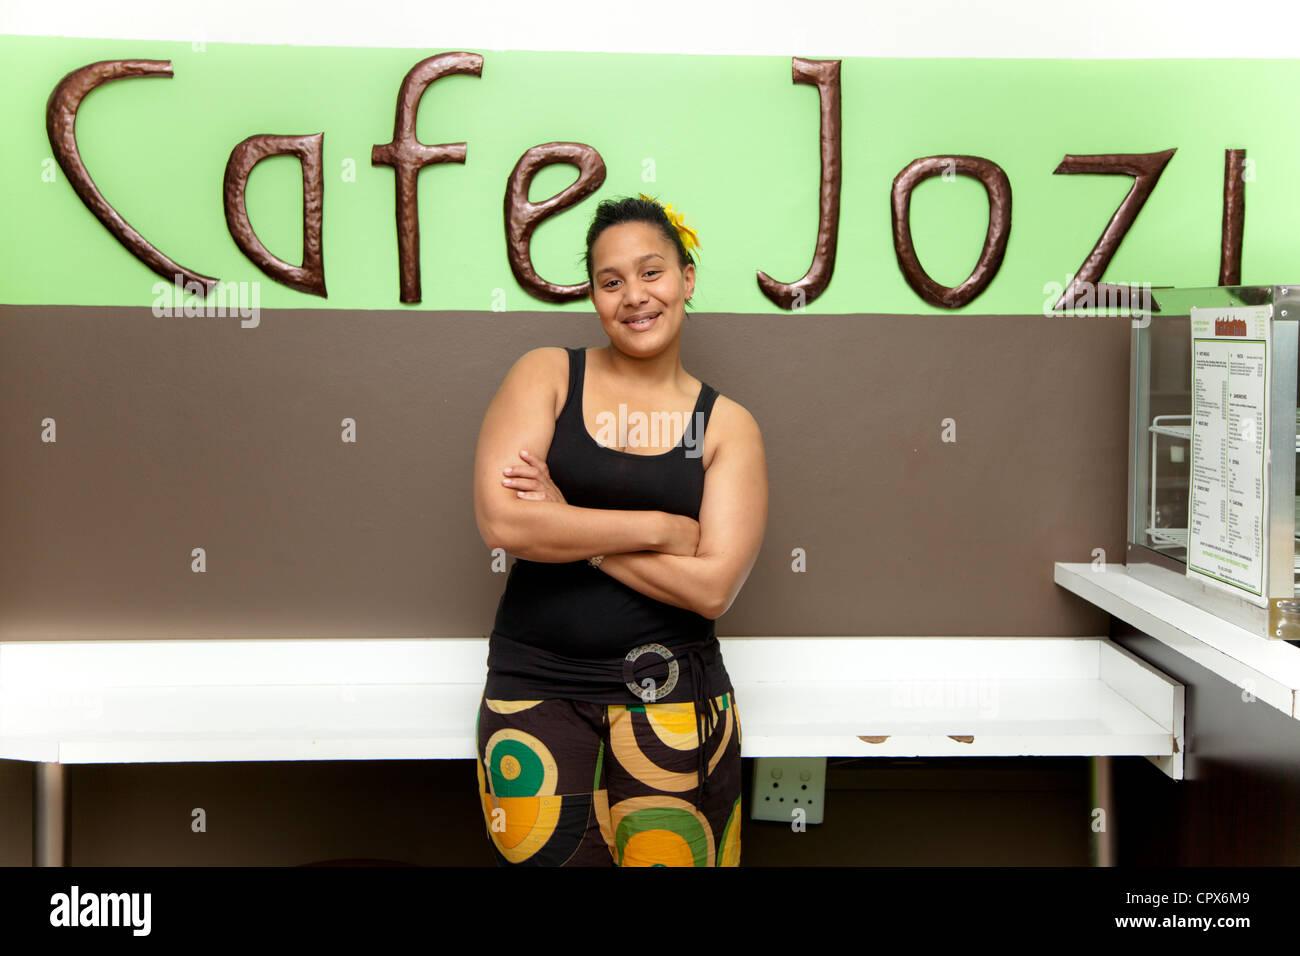 Girl in café smiles at camera - Stock Image